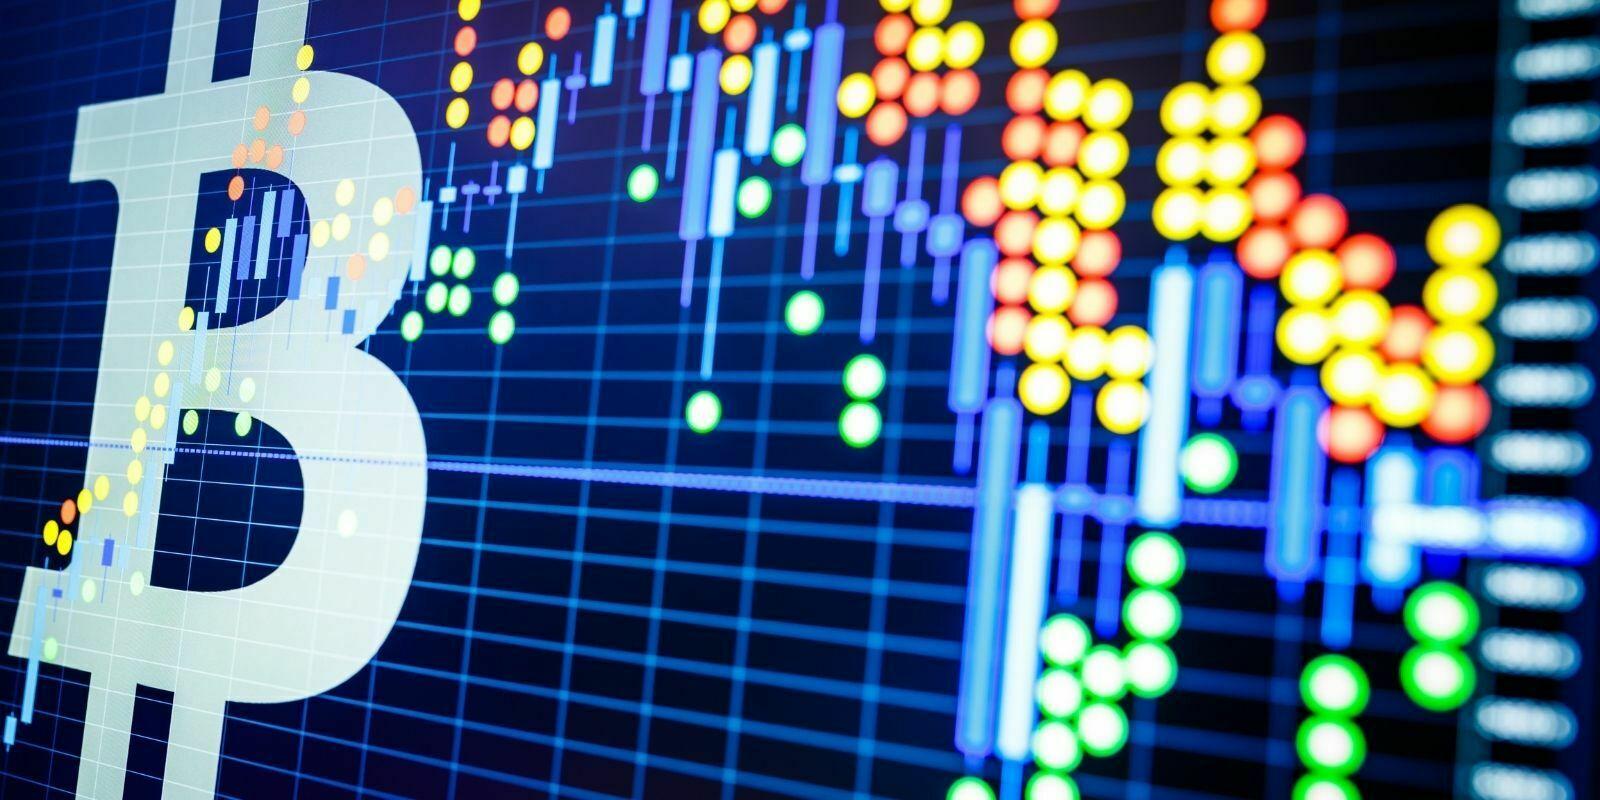 Des produits négociés en bourse en Bitcoin (BTC) et Ether (ETH) sur Euronext Paris le 1er juin